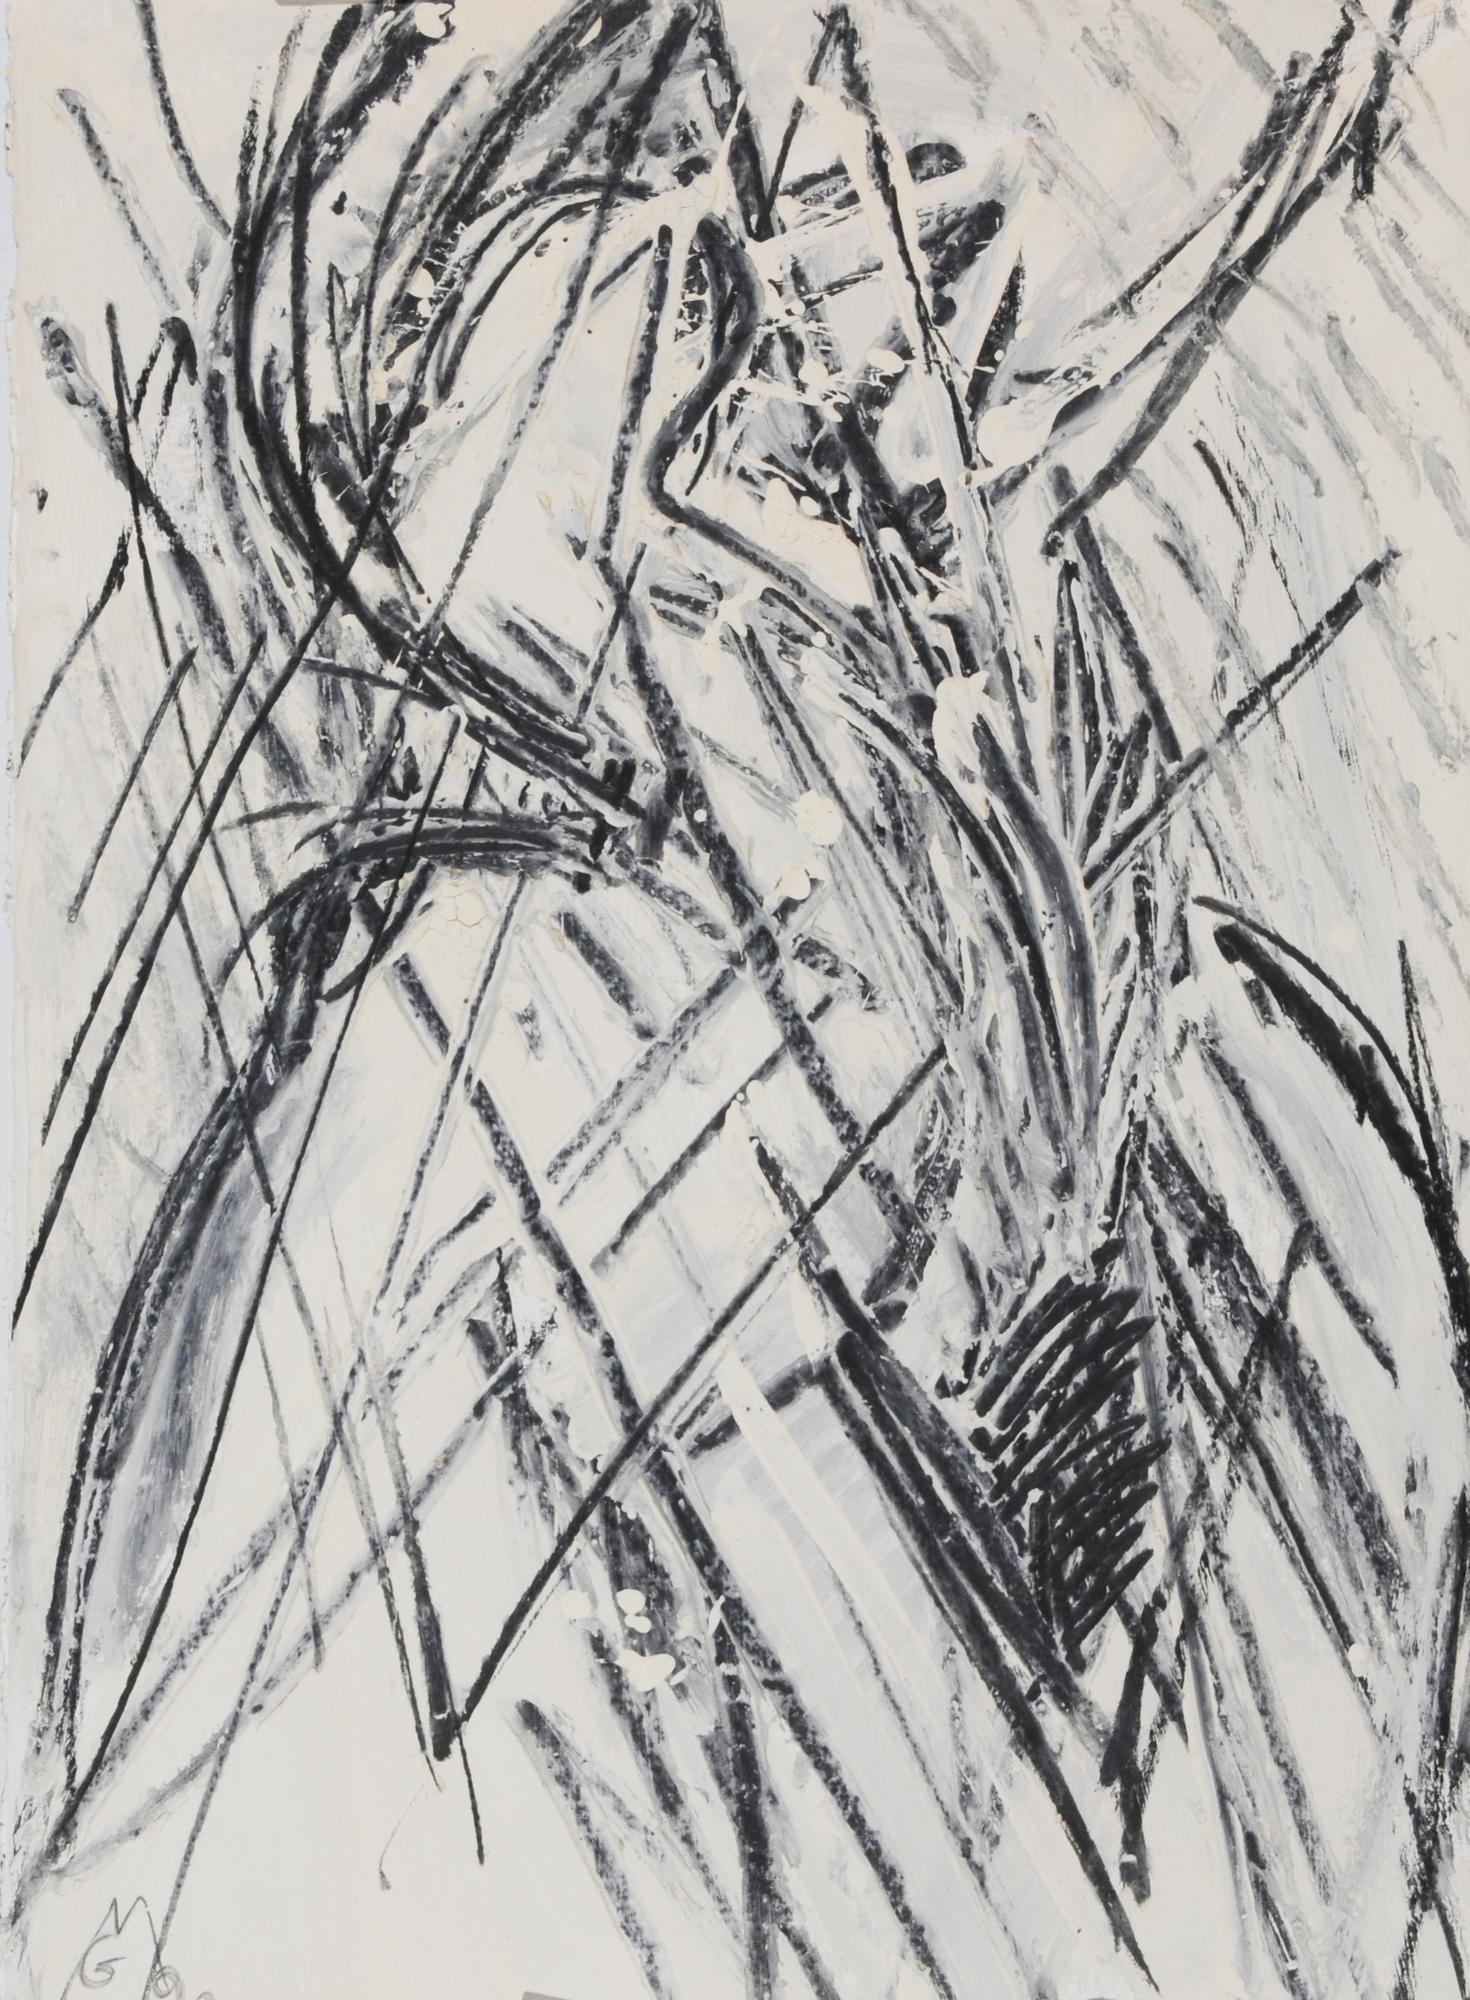 Melcher Gaspare Otto, Untitled